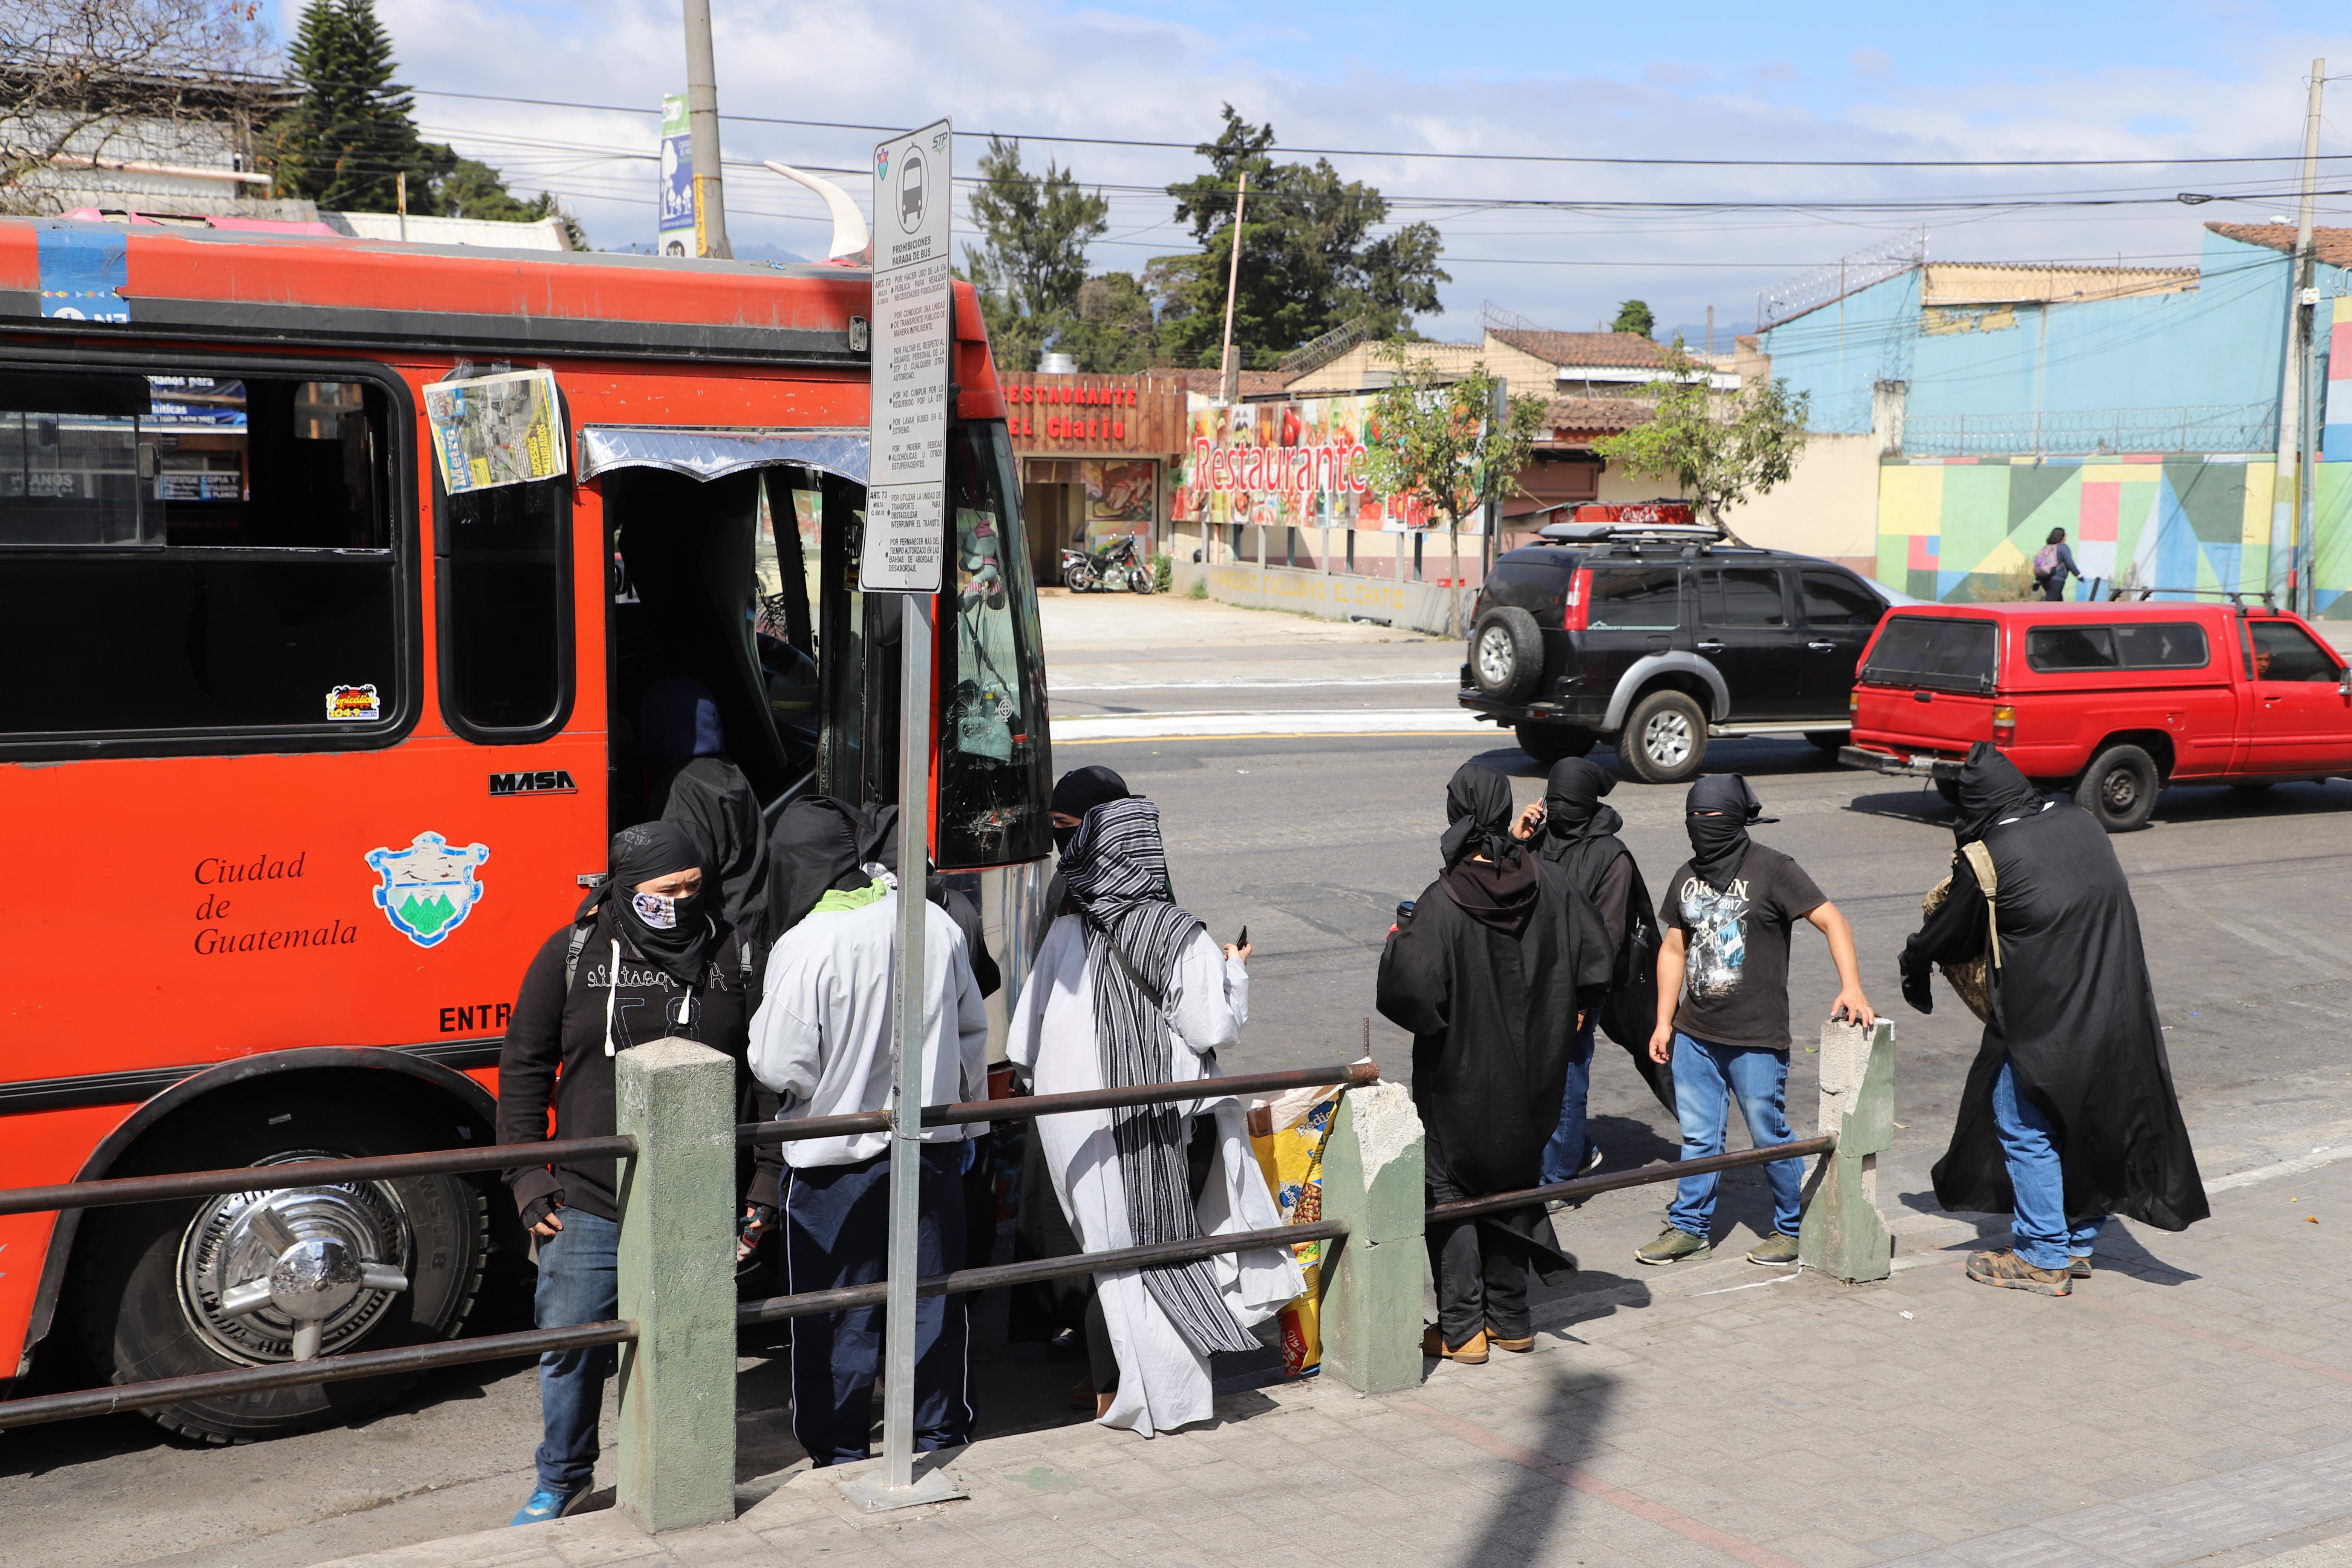 Encapuchados se retiran en buses tomados. Fotografía de Elio Morales.